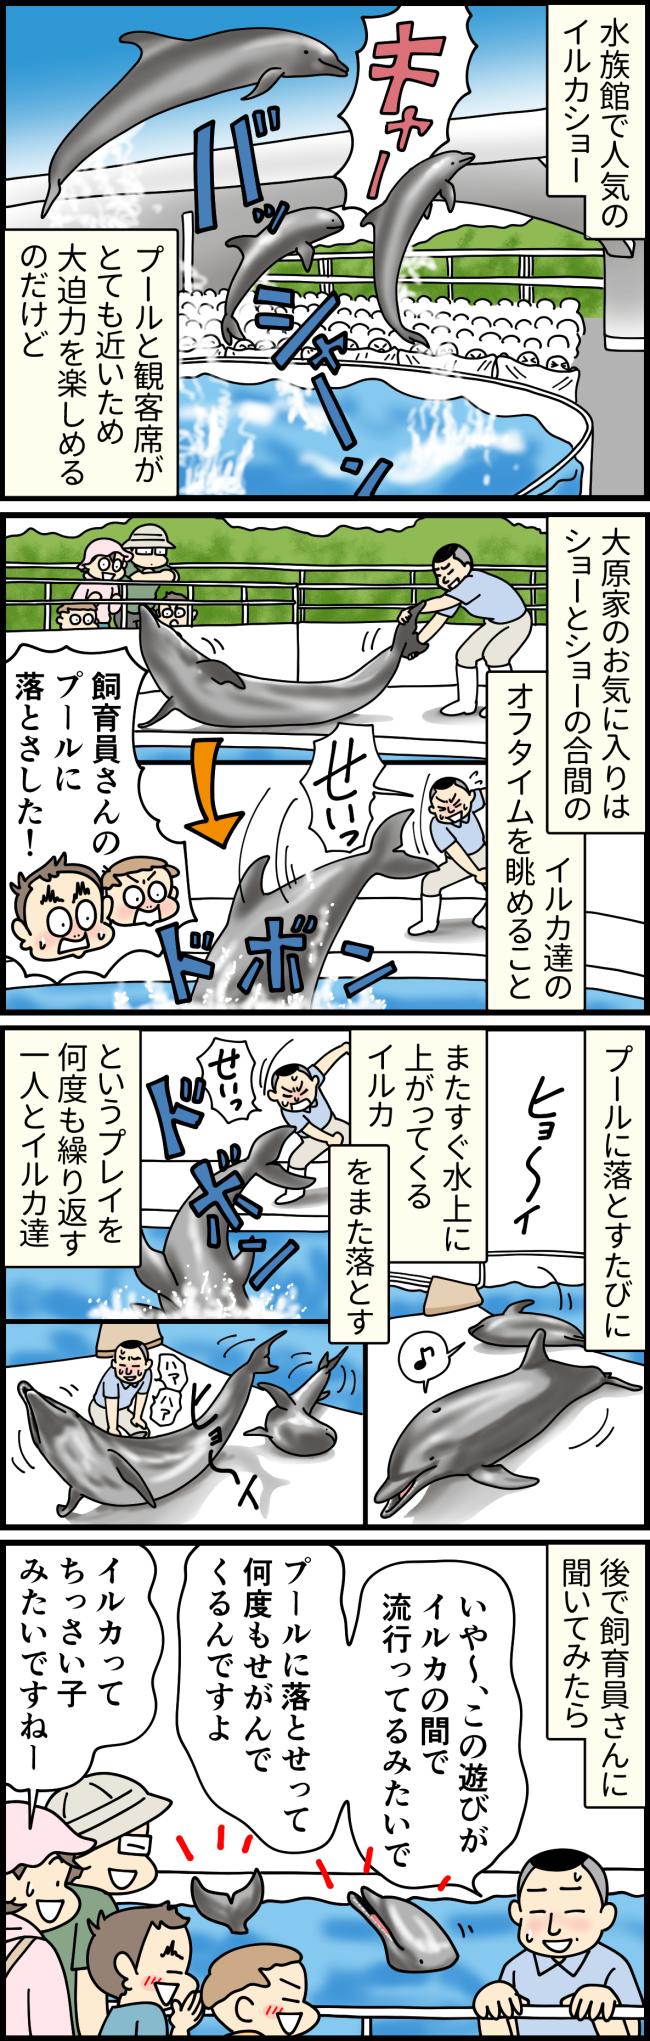 長崎県佐世保市の九十九島水族館海きららで飼育員さんと遊ぶイルカたち